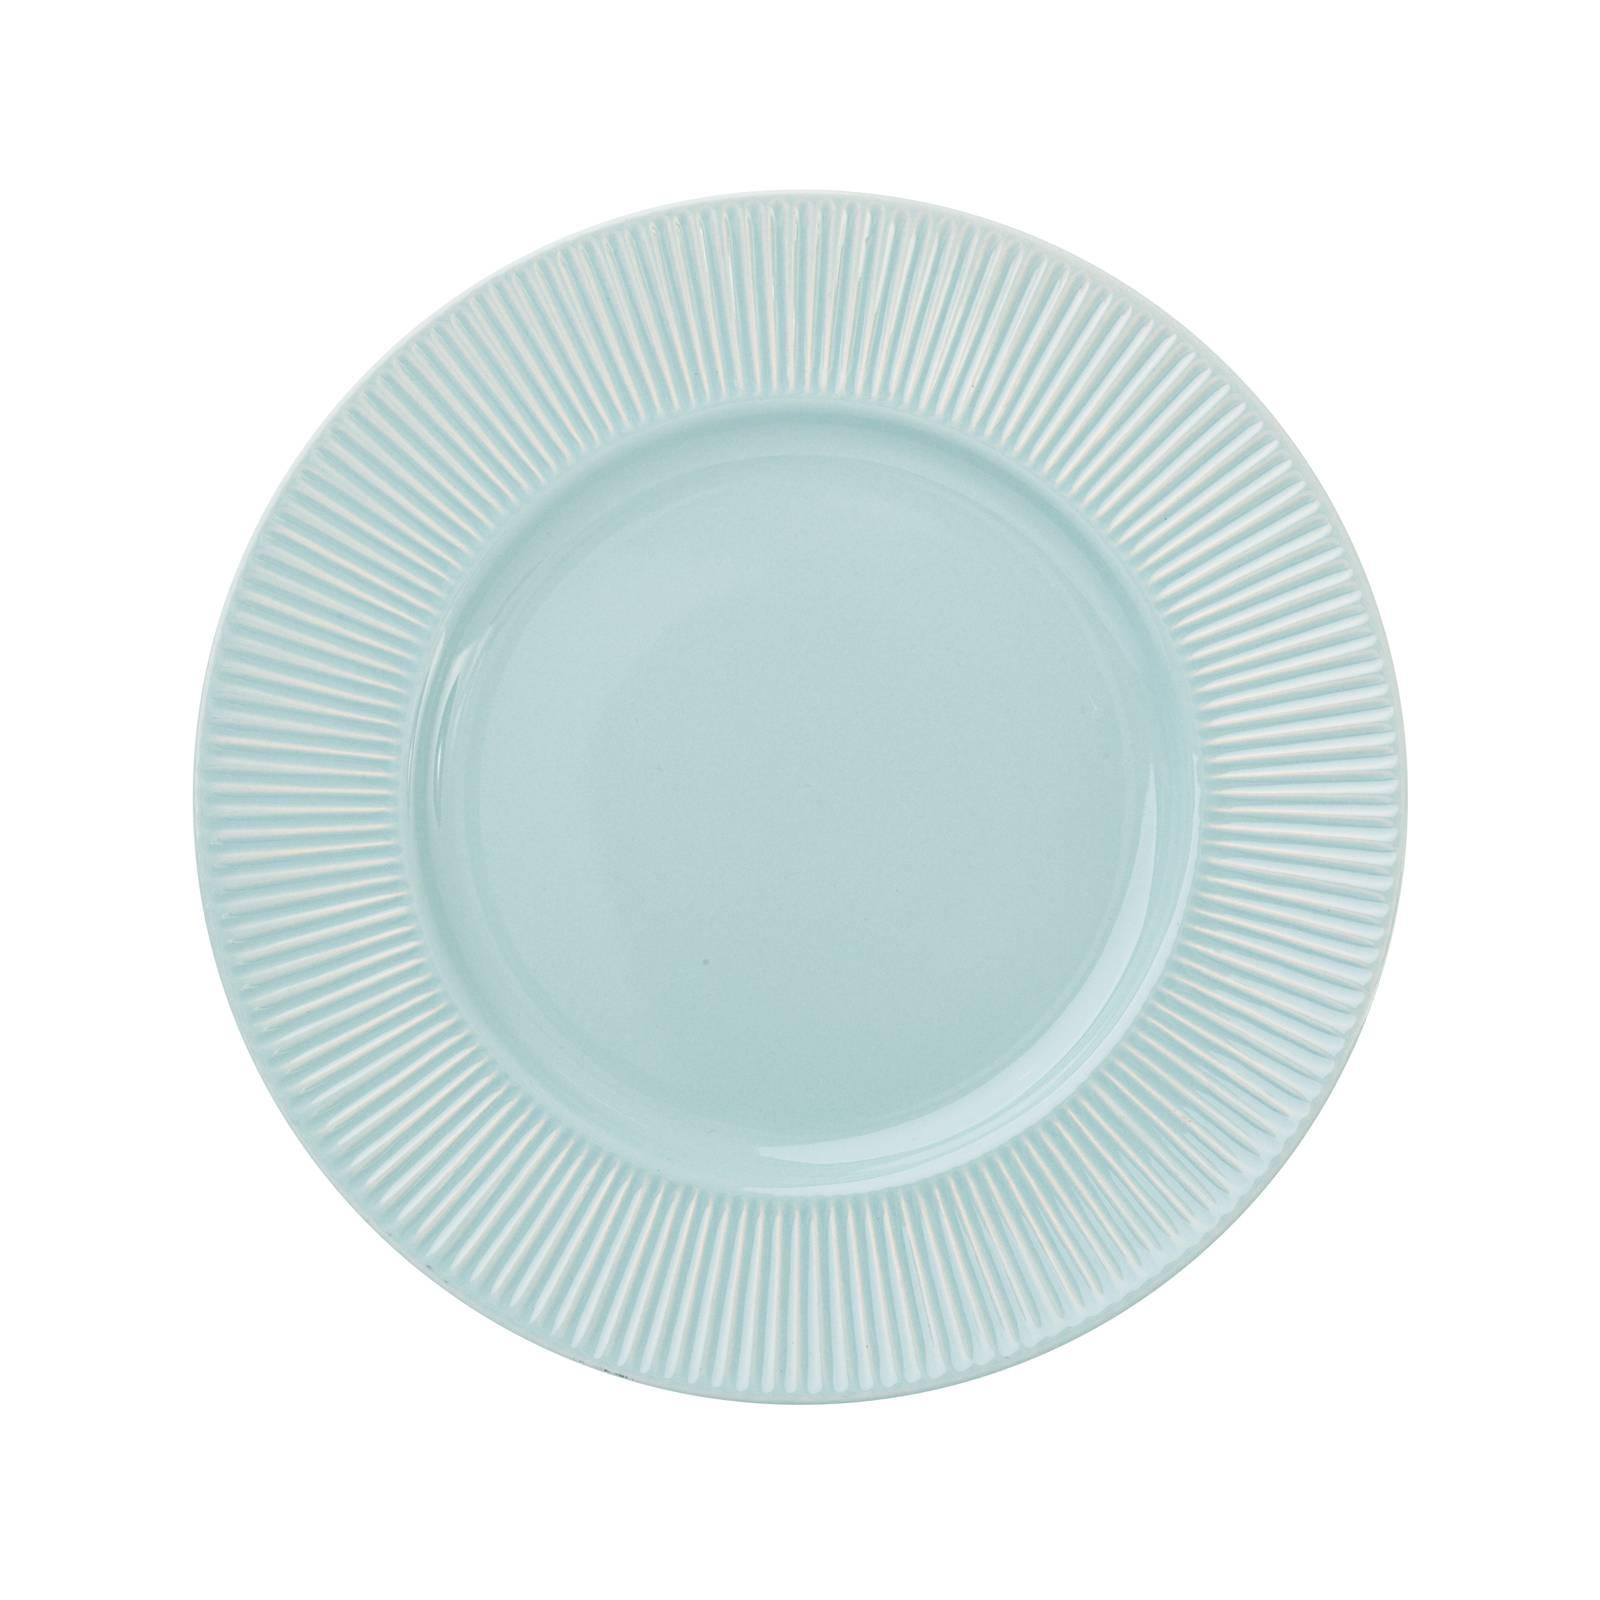 Speiseteller Palette Light blue 27cm AMBITION